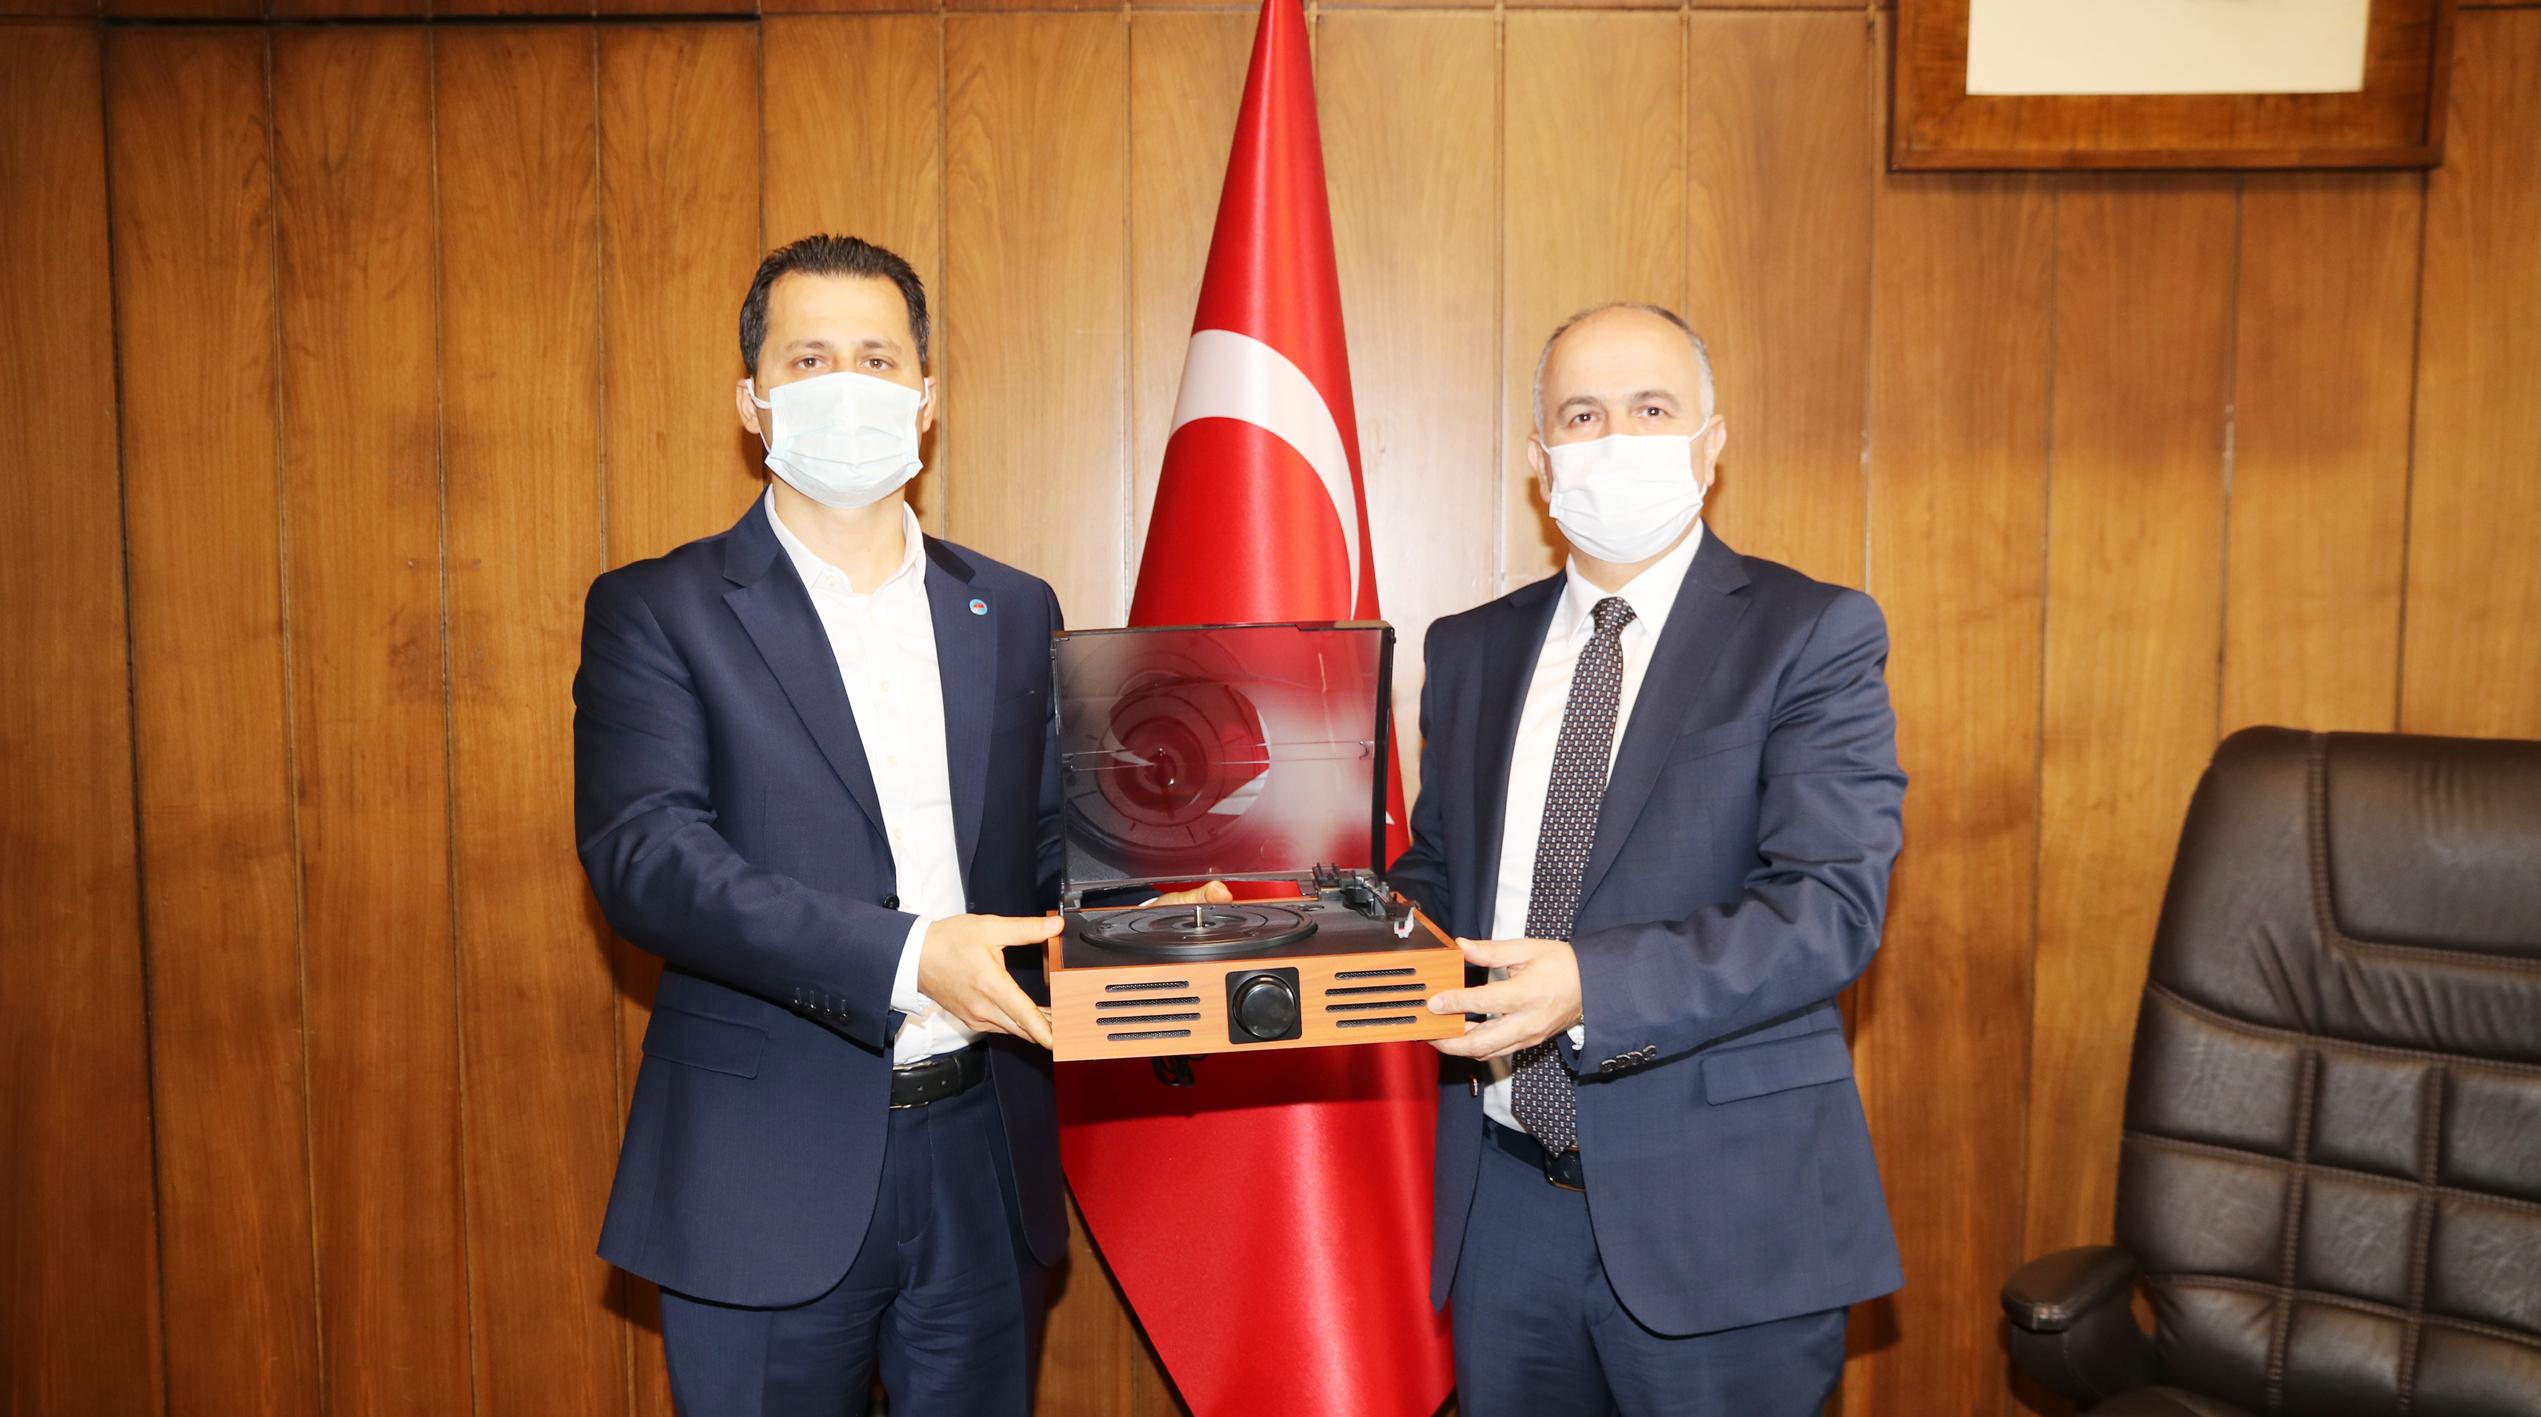 Genel Başkan Çalışkan'dan, TCDD Taşımacılık A.Ş. Genel Müdürü Hasan Pezük'e hayırlı olsun ziyareti